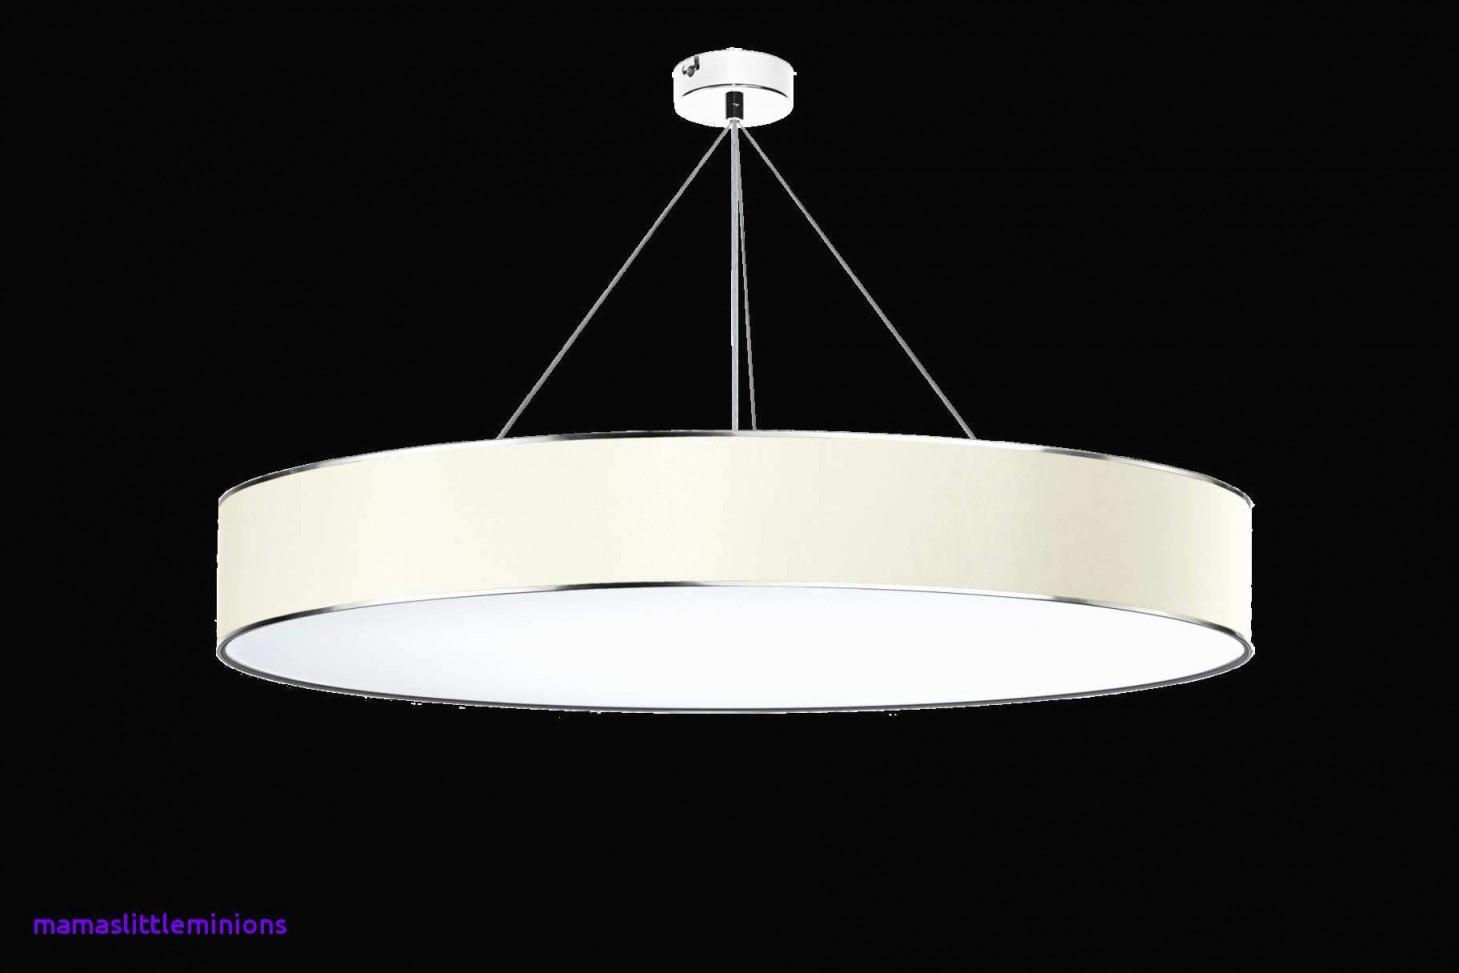 27 Genial Led Deckenleuchte Wohnzimmer Dimmbar Luxus von Deckenlampe Wohnzimmer Dimmbar Photo